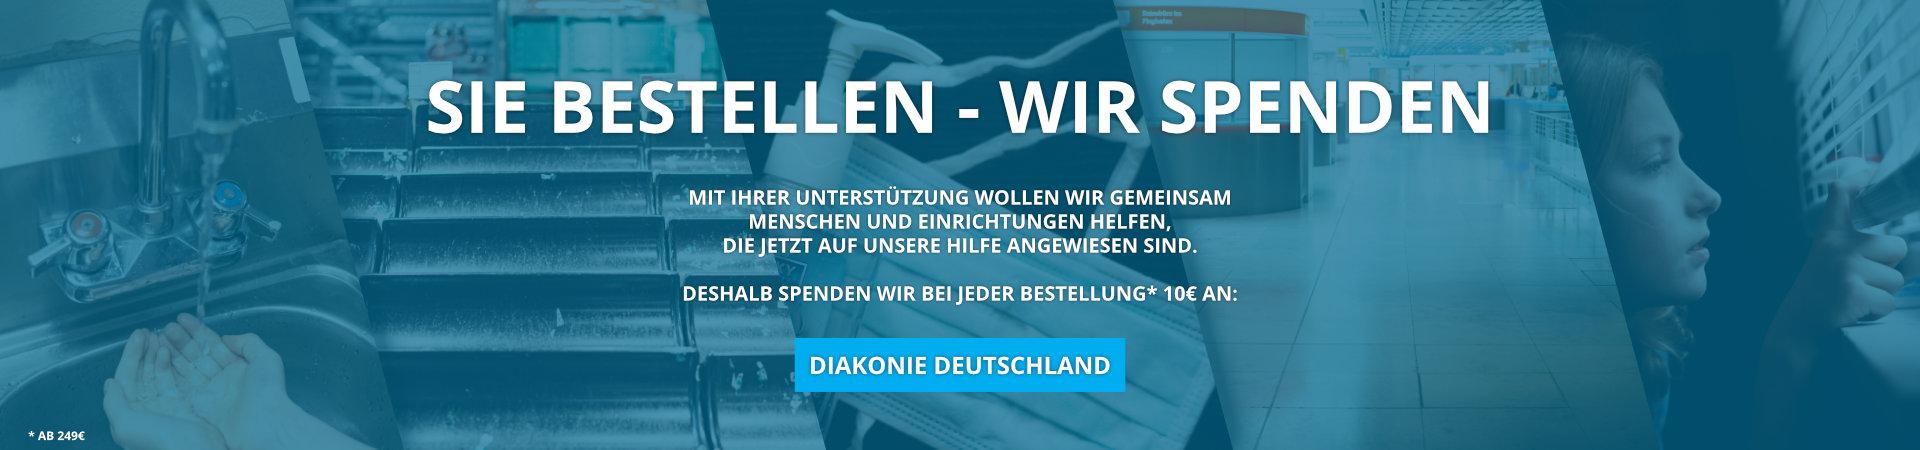 spenden-diakonie-shop-1920x450